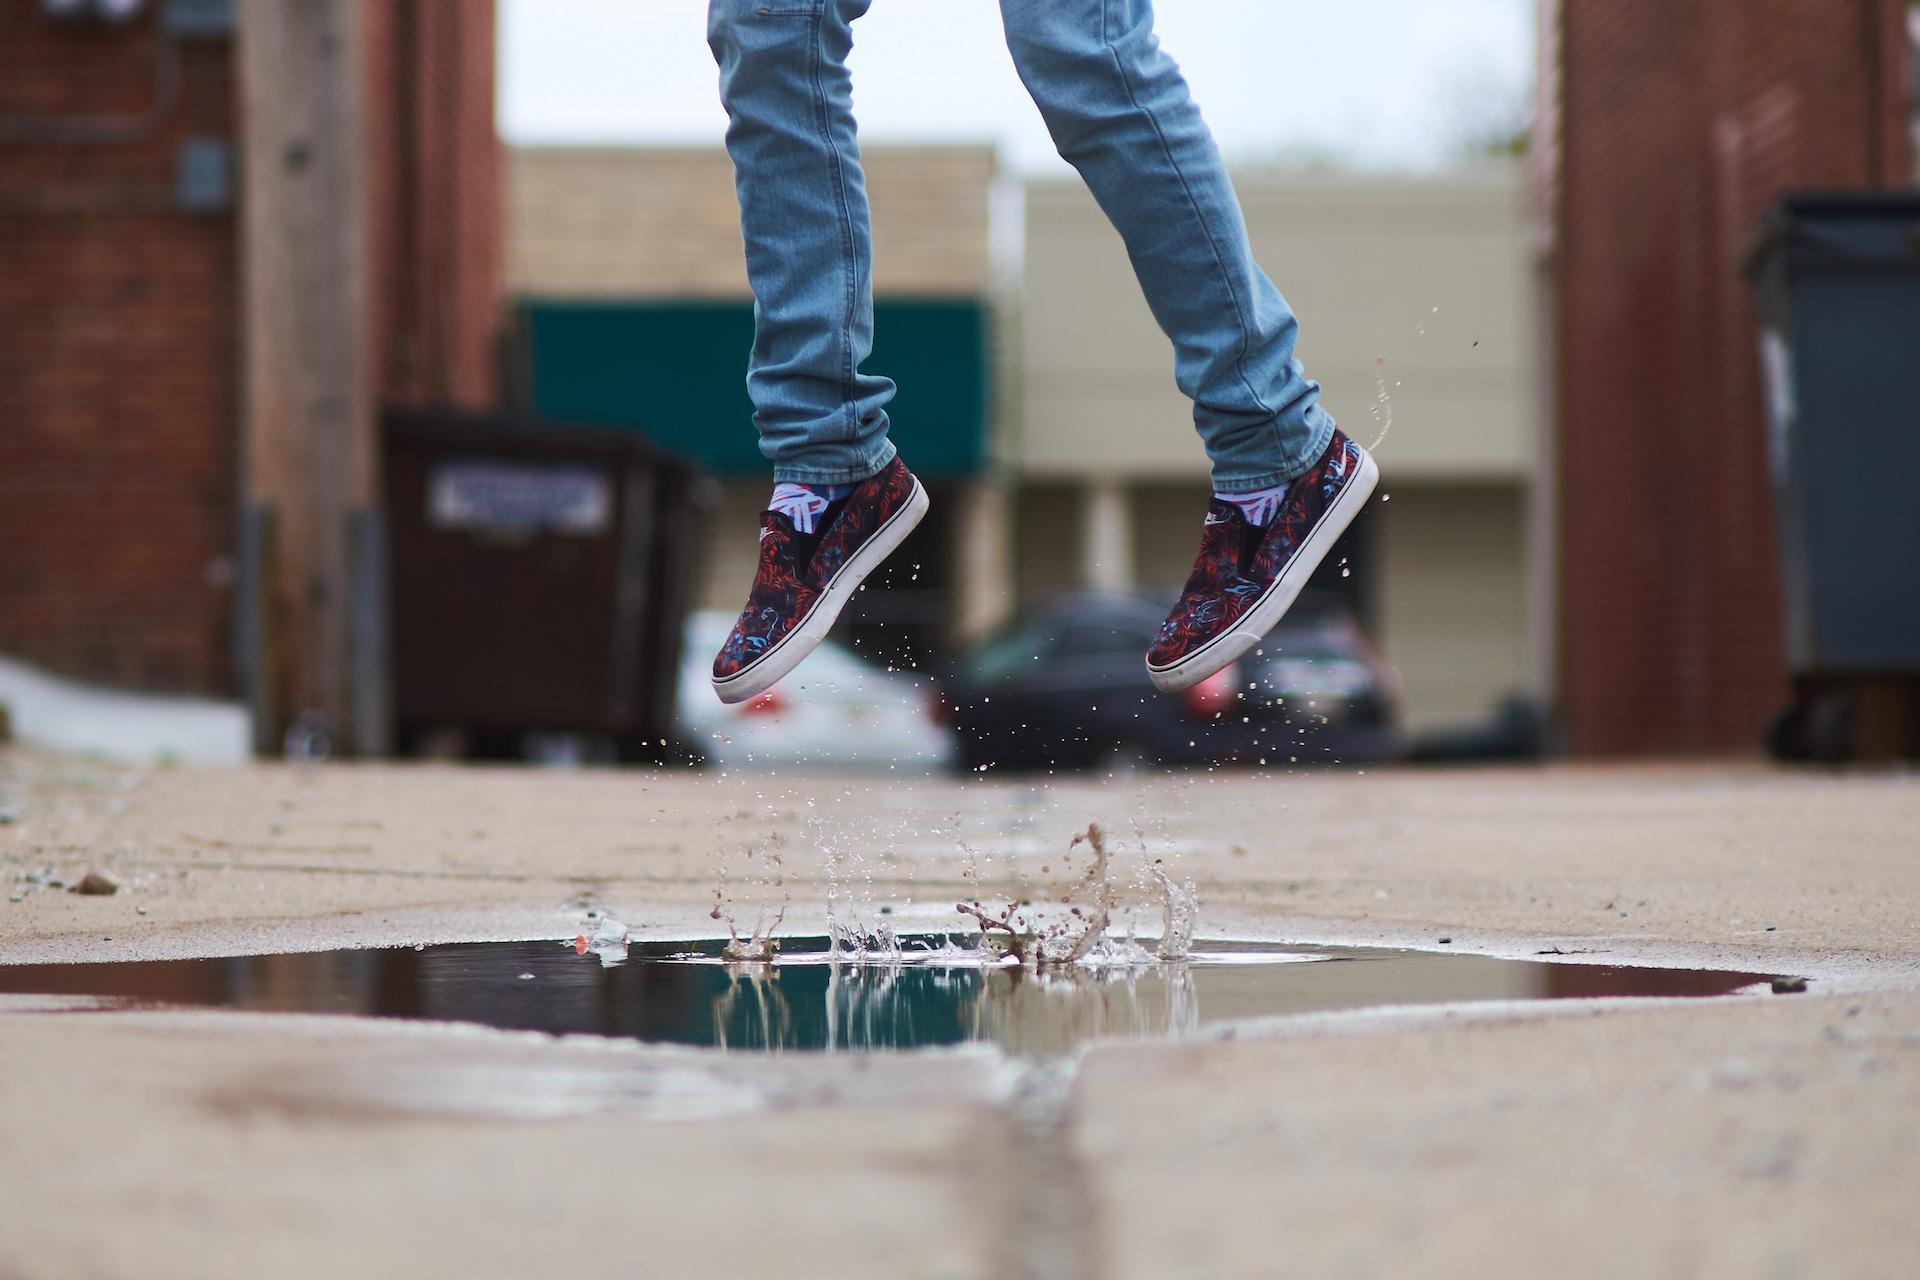 ジャンプ, 水たまり, 靴, 足, 泥, パンツ - HD の壁紙 - 教授-falken.com